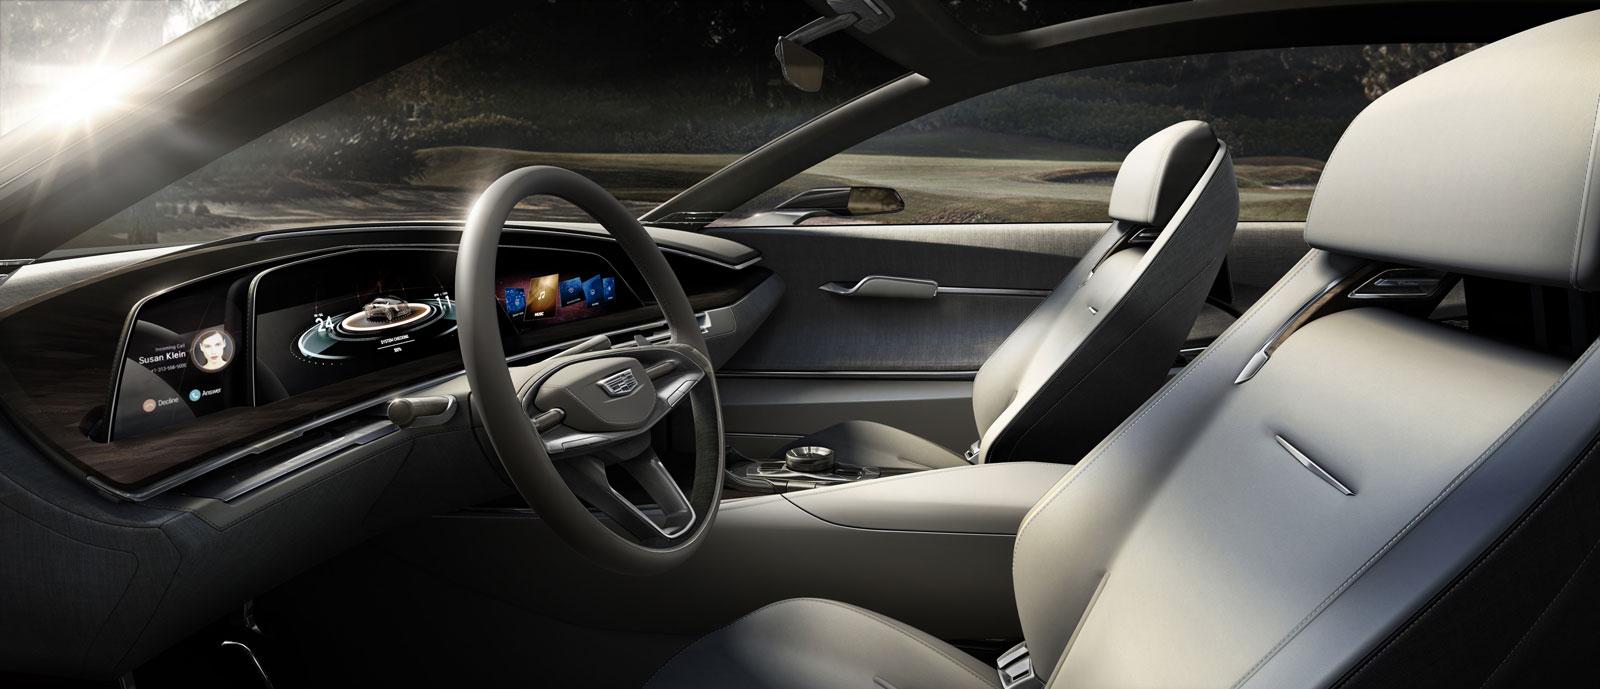 Cadillac escala concept car body design for Interieur concepts